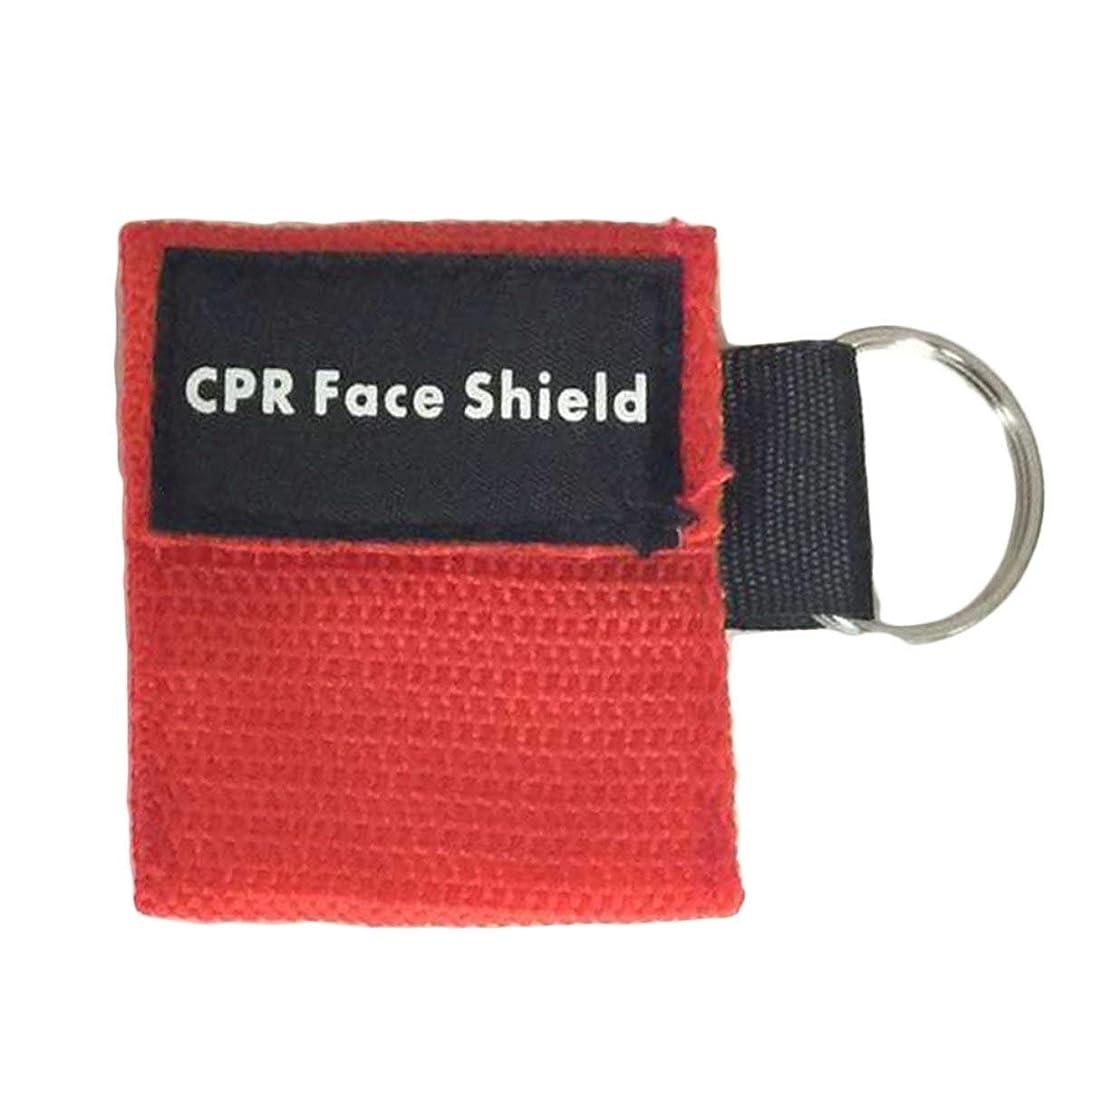 ハンサムアジテーションミキサー2ピースポータブル応急処置ミニCPRキーチェーンマスク/フェイスシールドバリアキットヘルスケアマスク1-ウェイバルブCPRマスク -